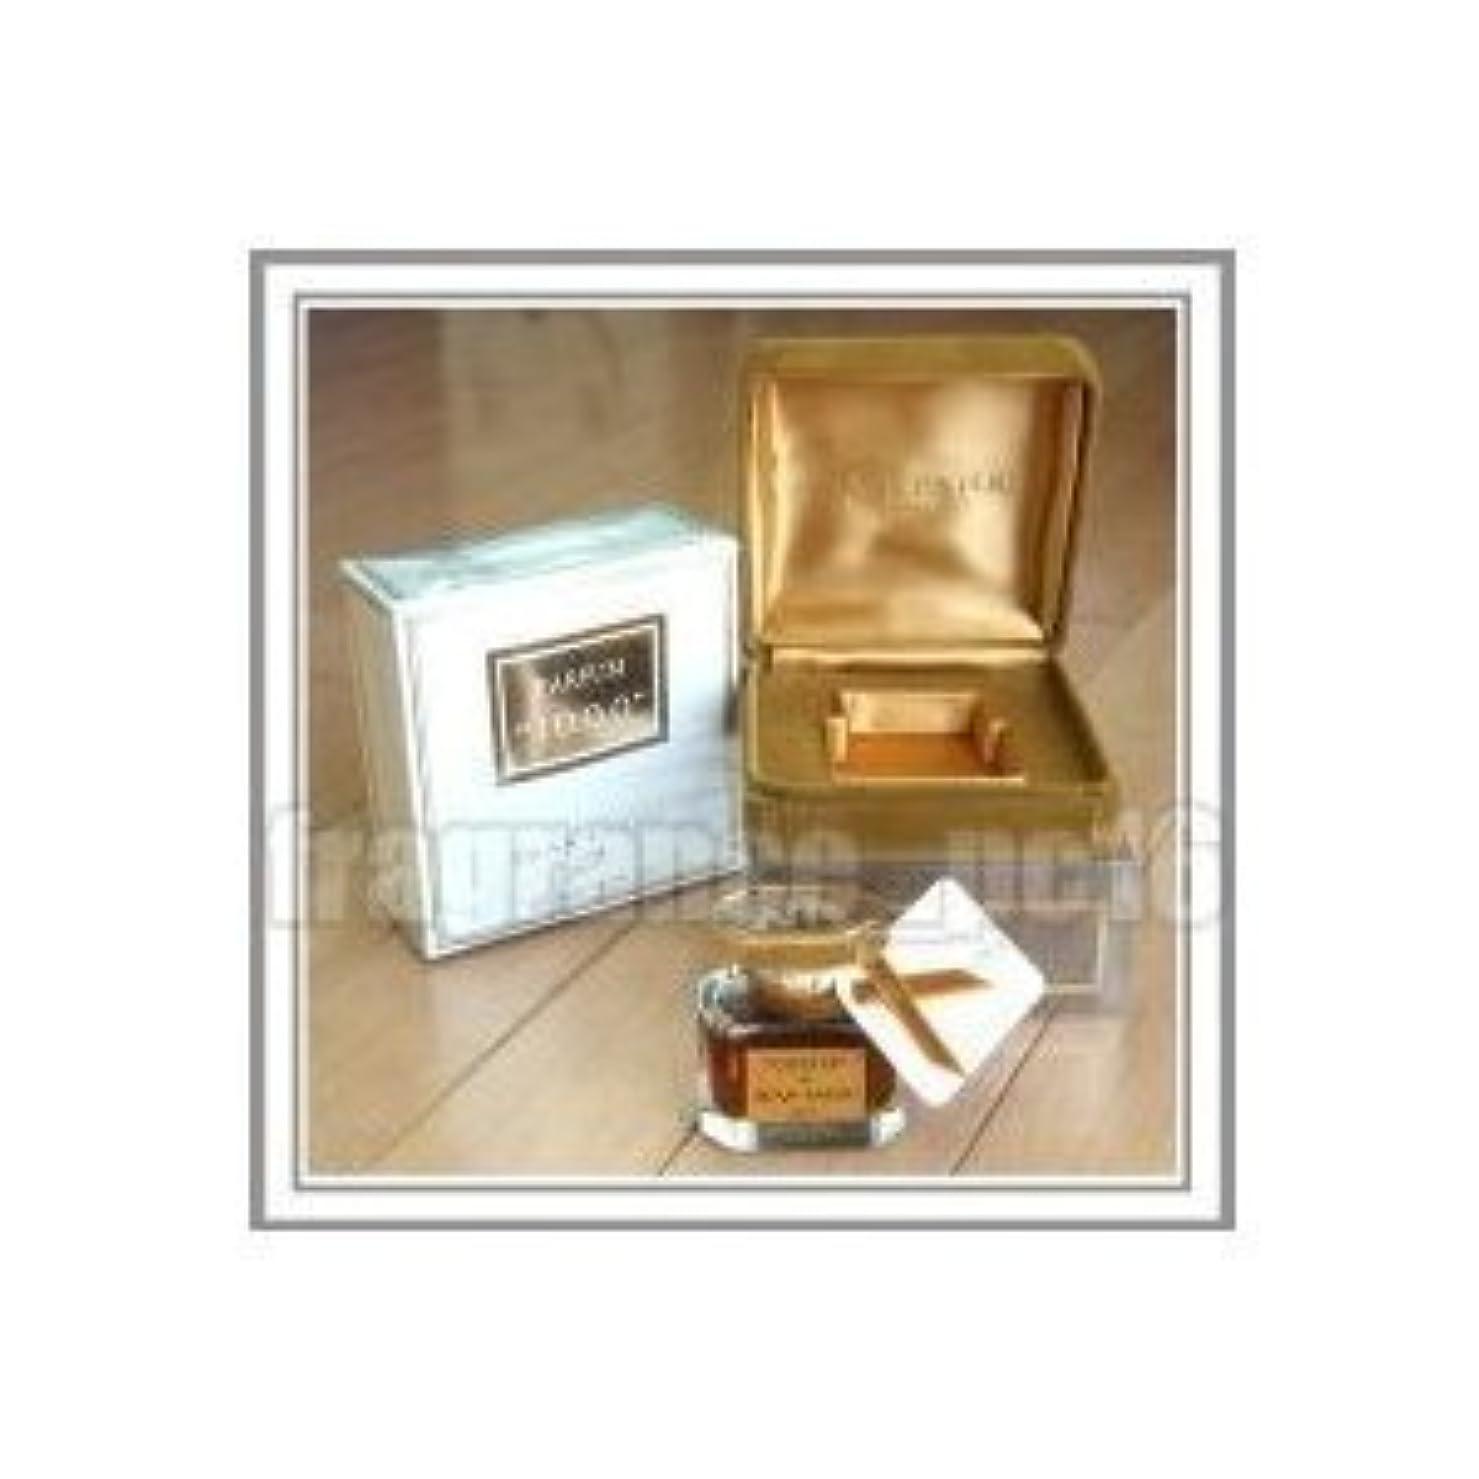 行商コンペスチュワーデスJEAN PATOU ジャンパトゥ ミル 1000 Parfum 15ml (並行輸入)